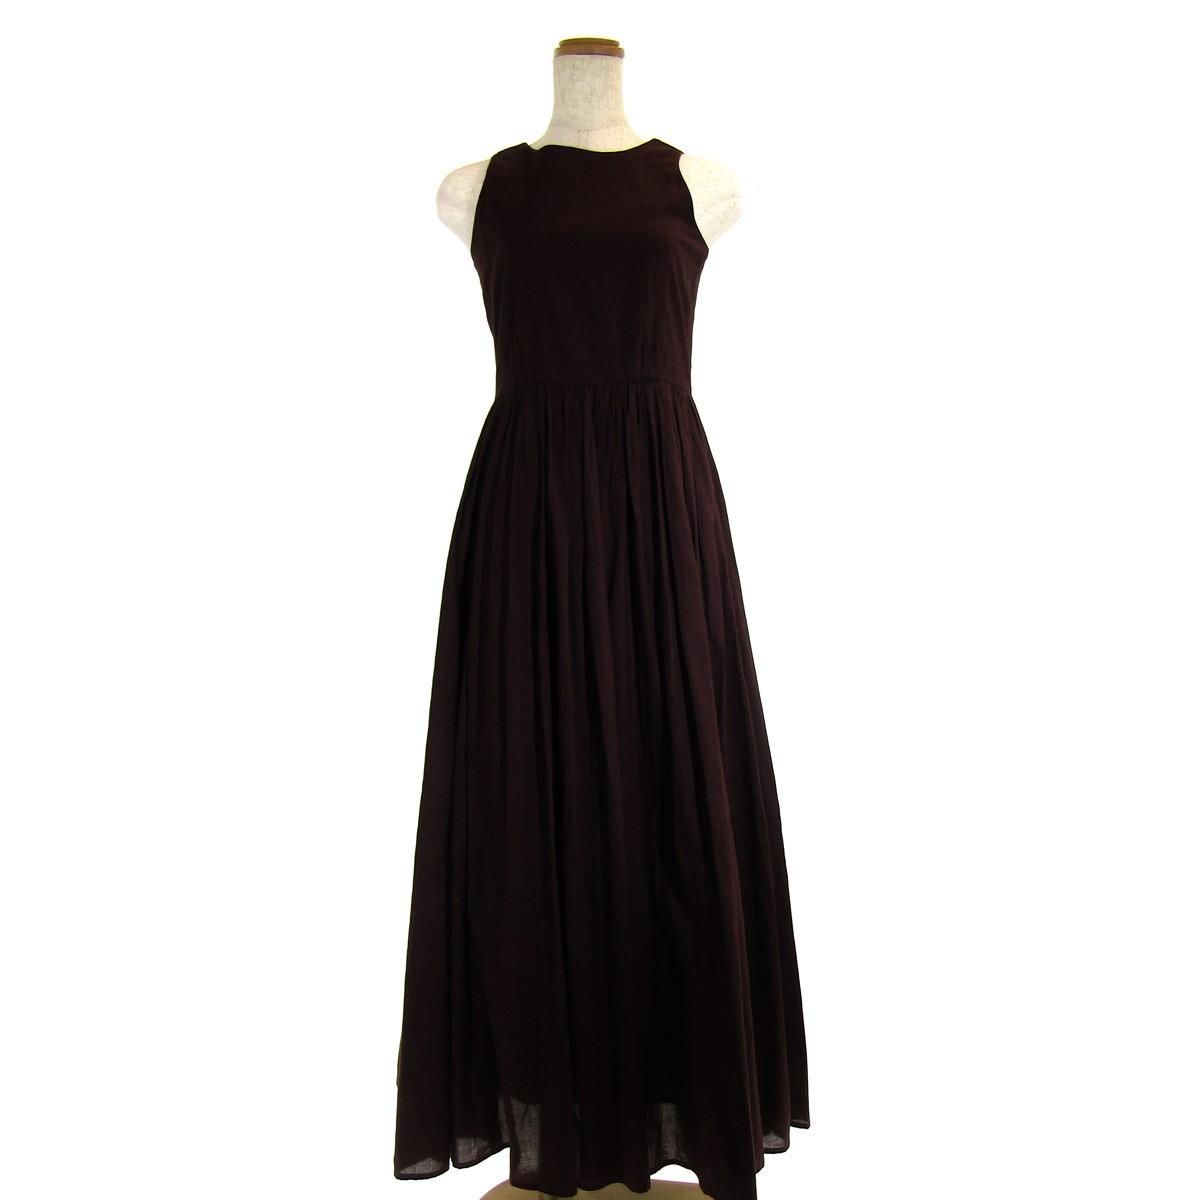 【中古】MRIHA 夏のレディのドレス ボルドー 【280420】(マリハ)